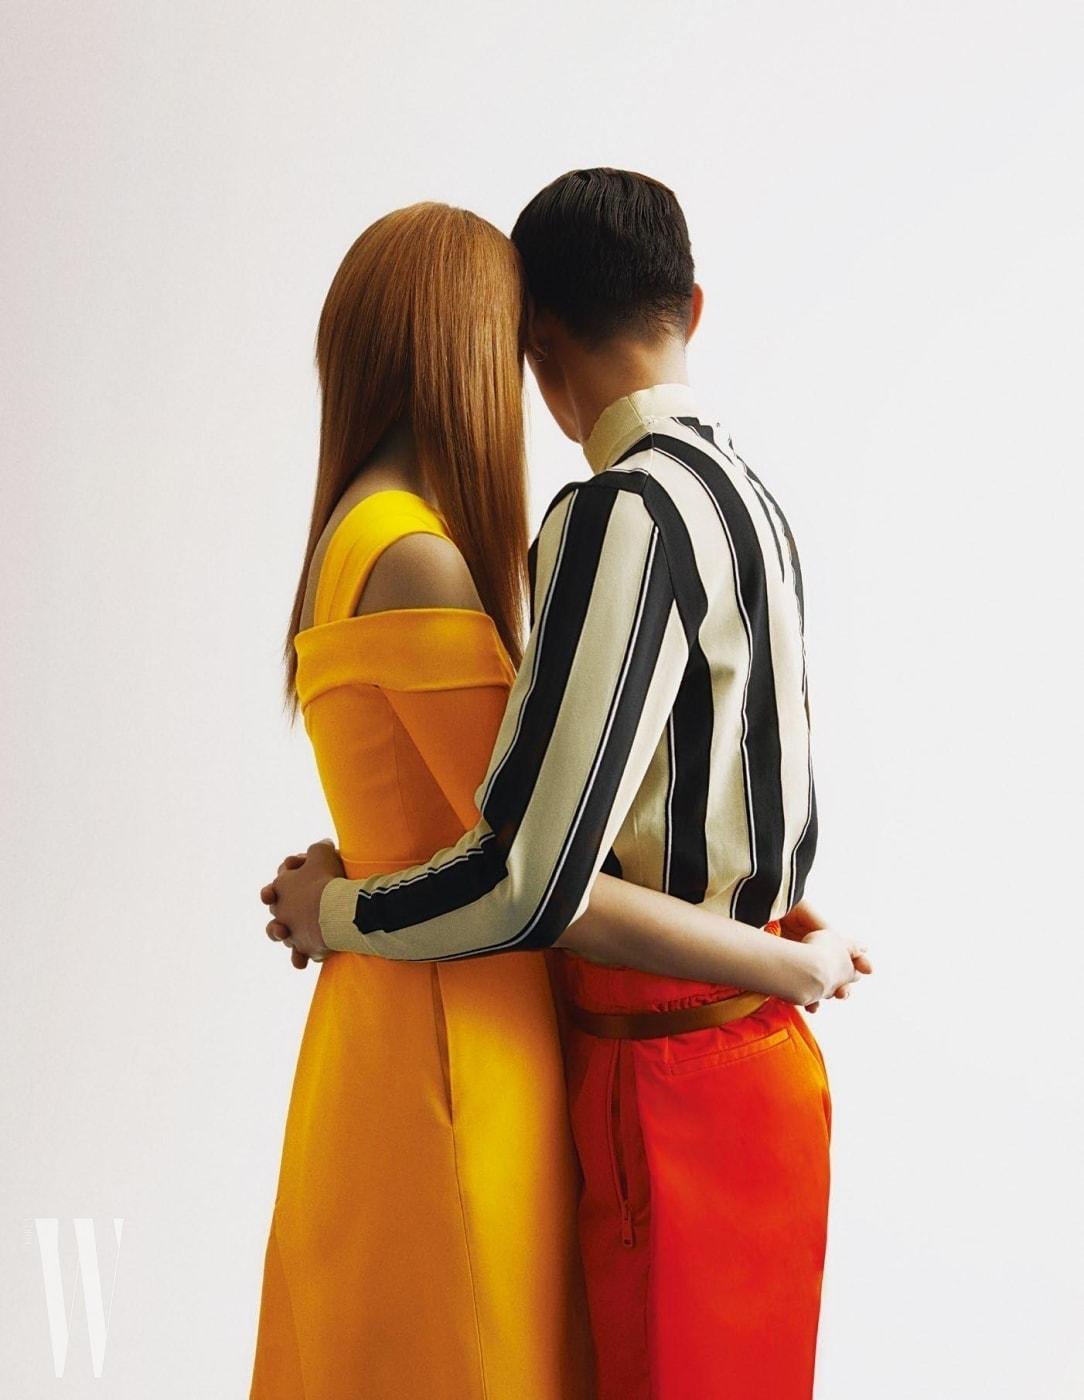 방태은이 입은 줄무늬 톱, 레드 팬츠, 벨트는 모두 Prada, 김성희가 입은 드레스는 Preen by Thorton Bregazzi by Net-a-Porter, 시계는 Hermes 제품.